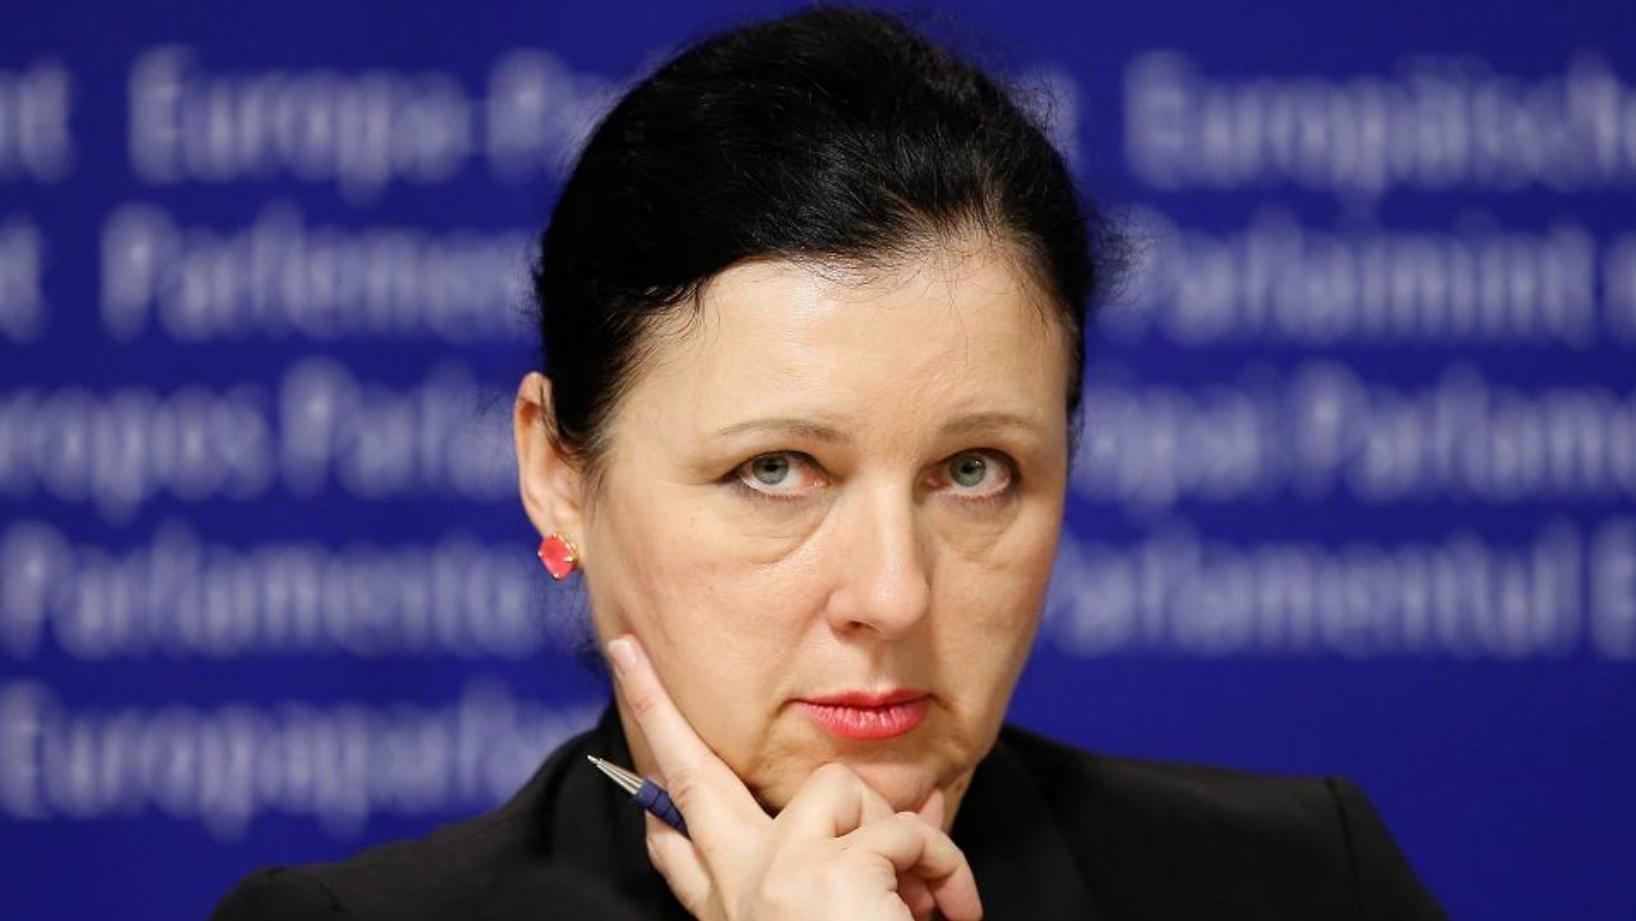 Komisja Europejska straciła cierpliwość. Jourova zapowiedziała karę finansową dla Polski